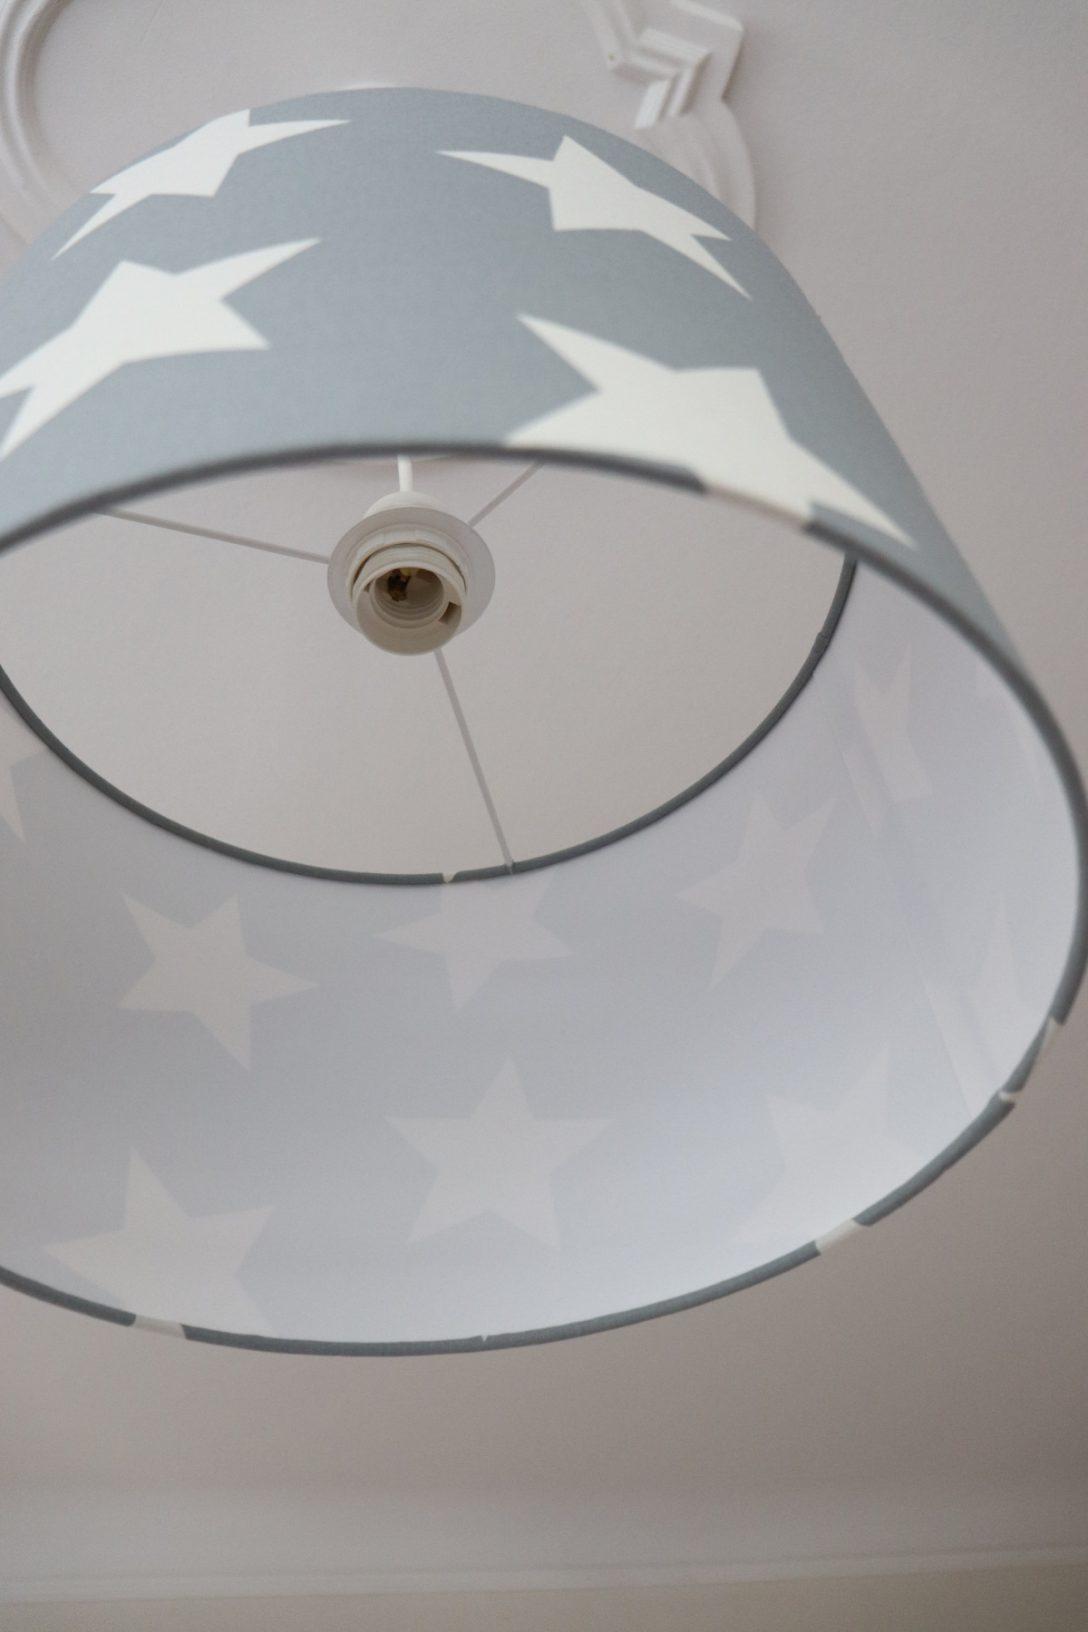 Large Size of Wohnzimmer Deckenlampe Led Deckenleuchte Mit Fernbedienung Modern Deckenleuchten Holz Deckenlampen Dimmbar Holzdecke Ikea Lampenschirm Sterne Lampe Wohnzimmer Wohnzimmer Deckenlampe